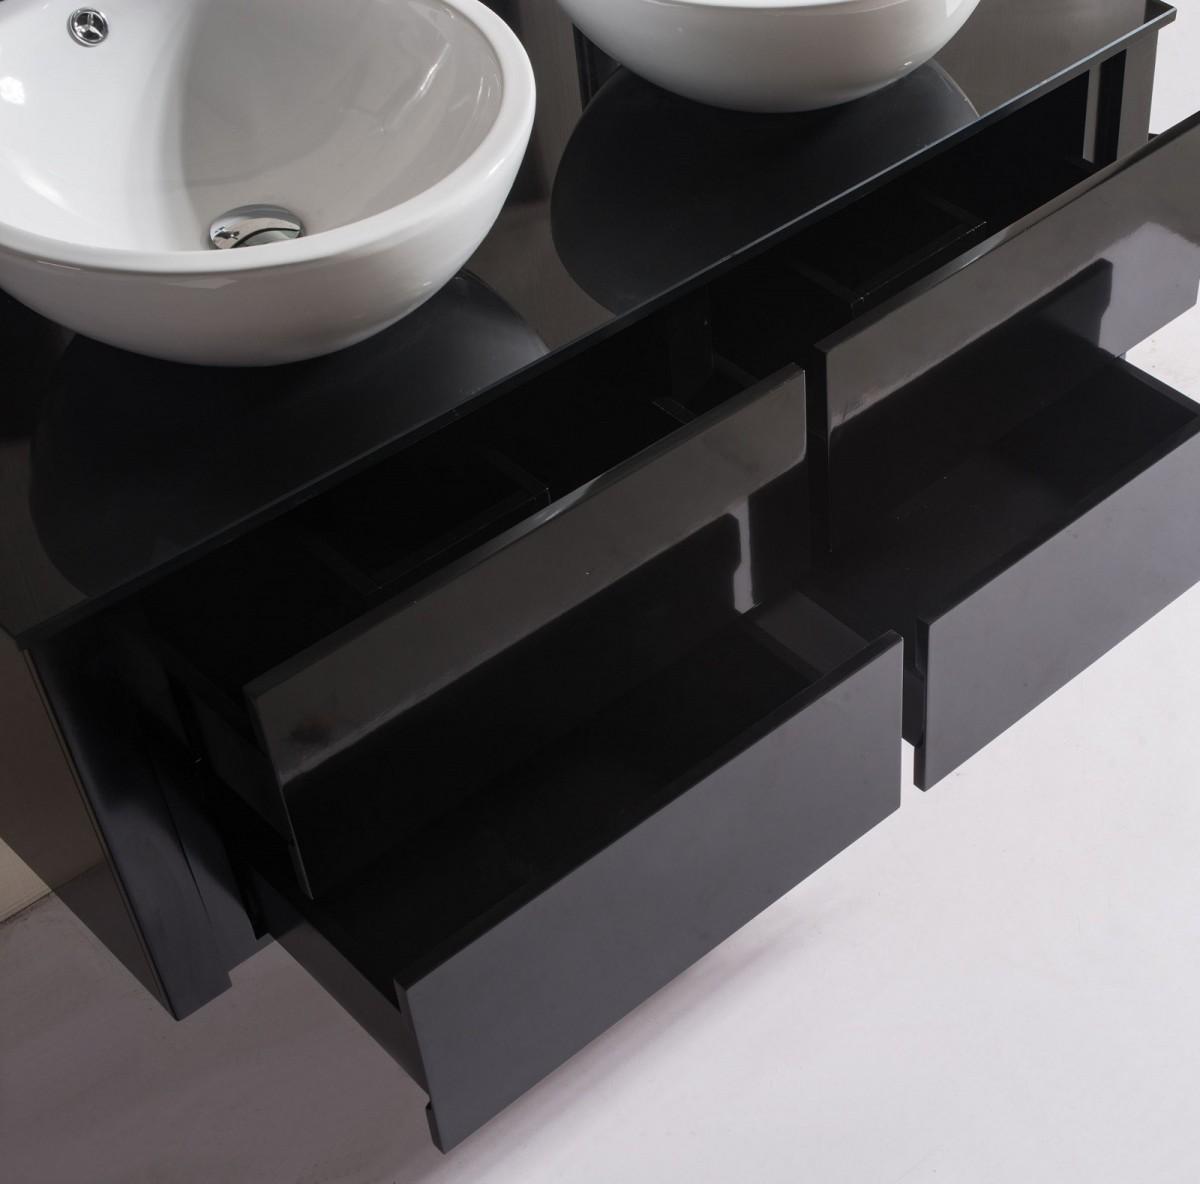 Meuble salle de bain sanifun gianero 120 combi ebay - Ebay meuble salle de bain ...